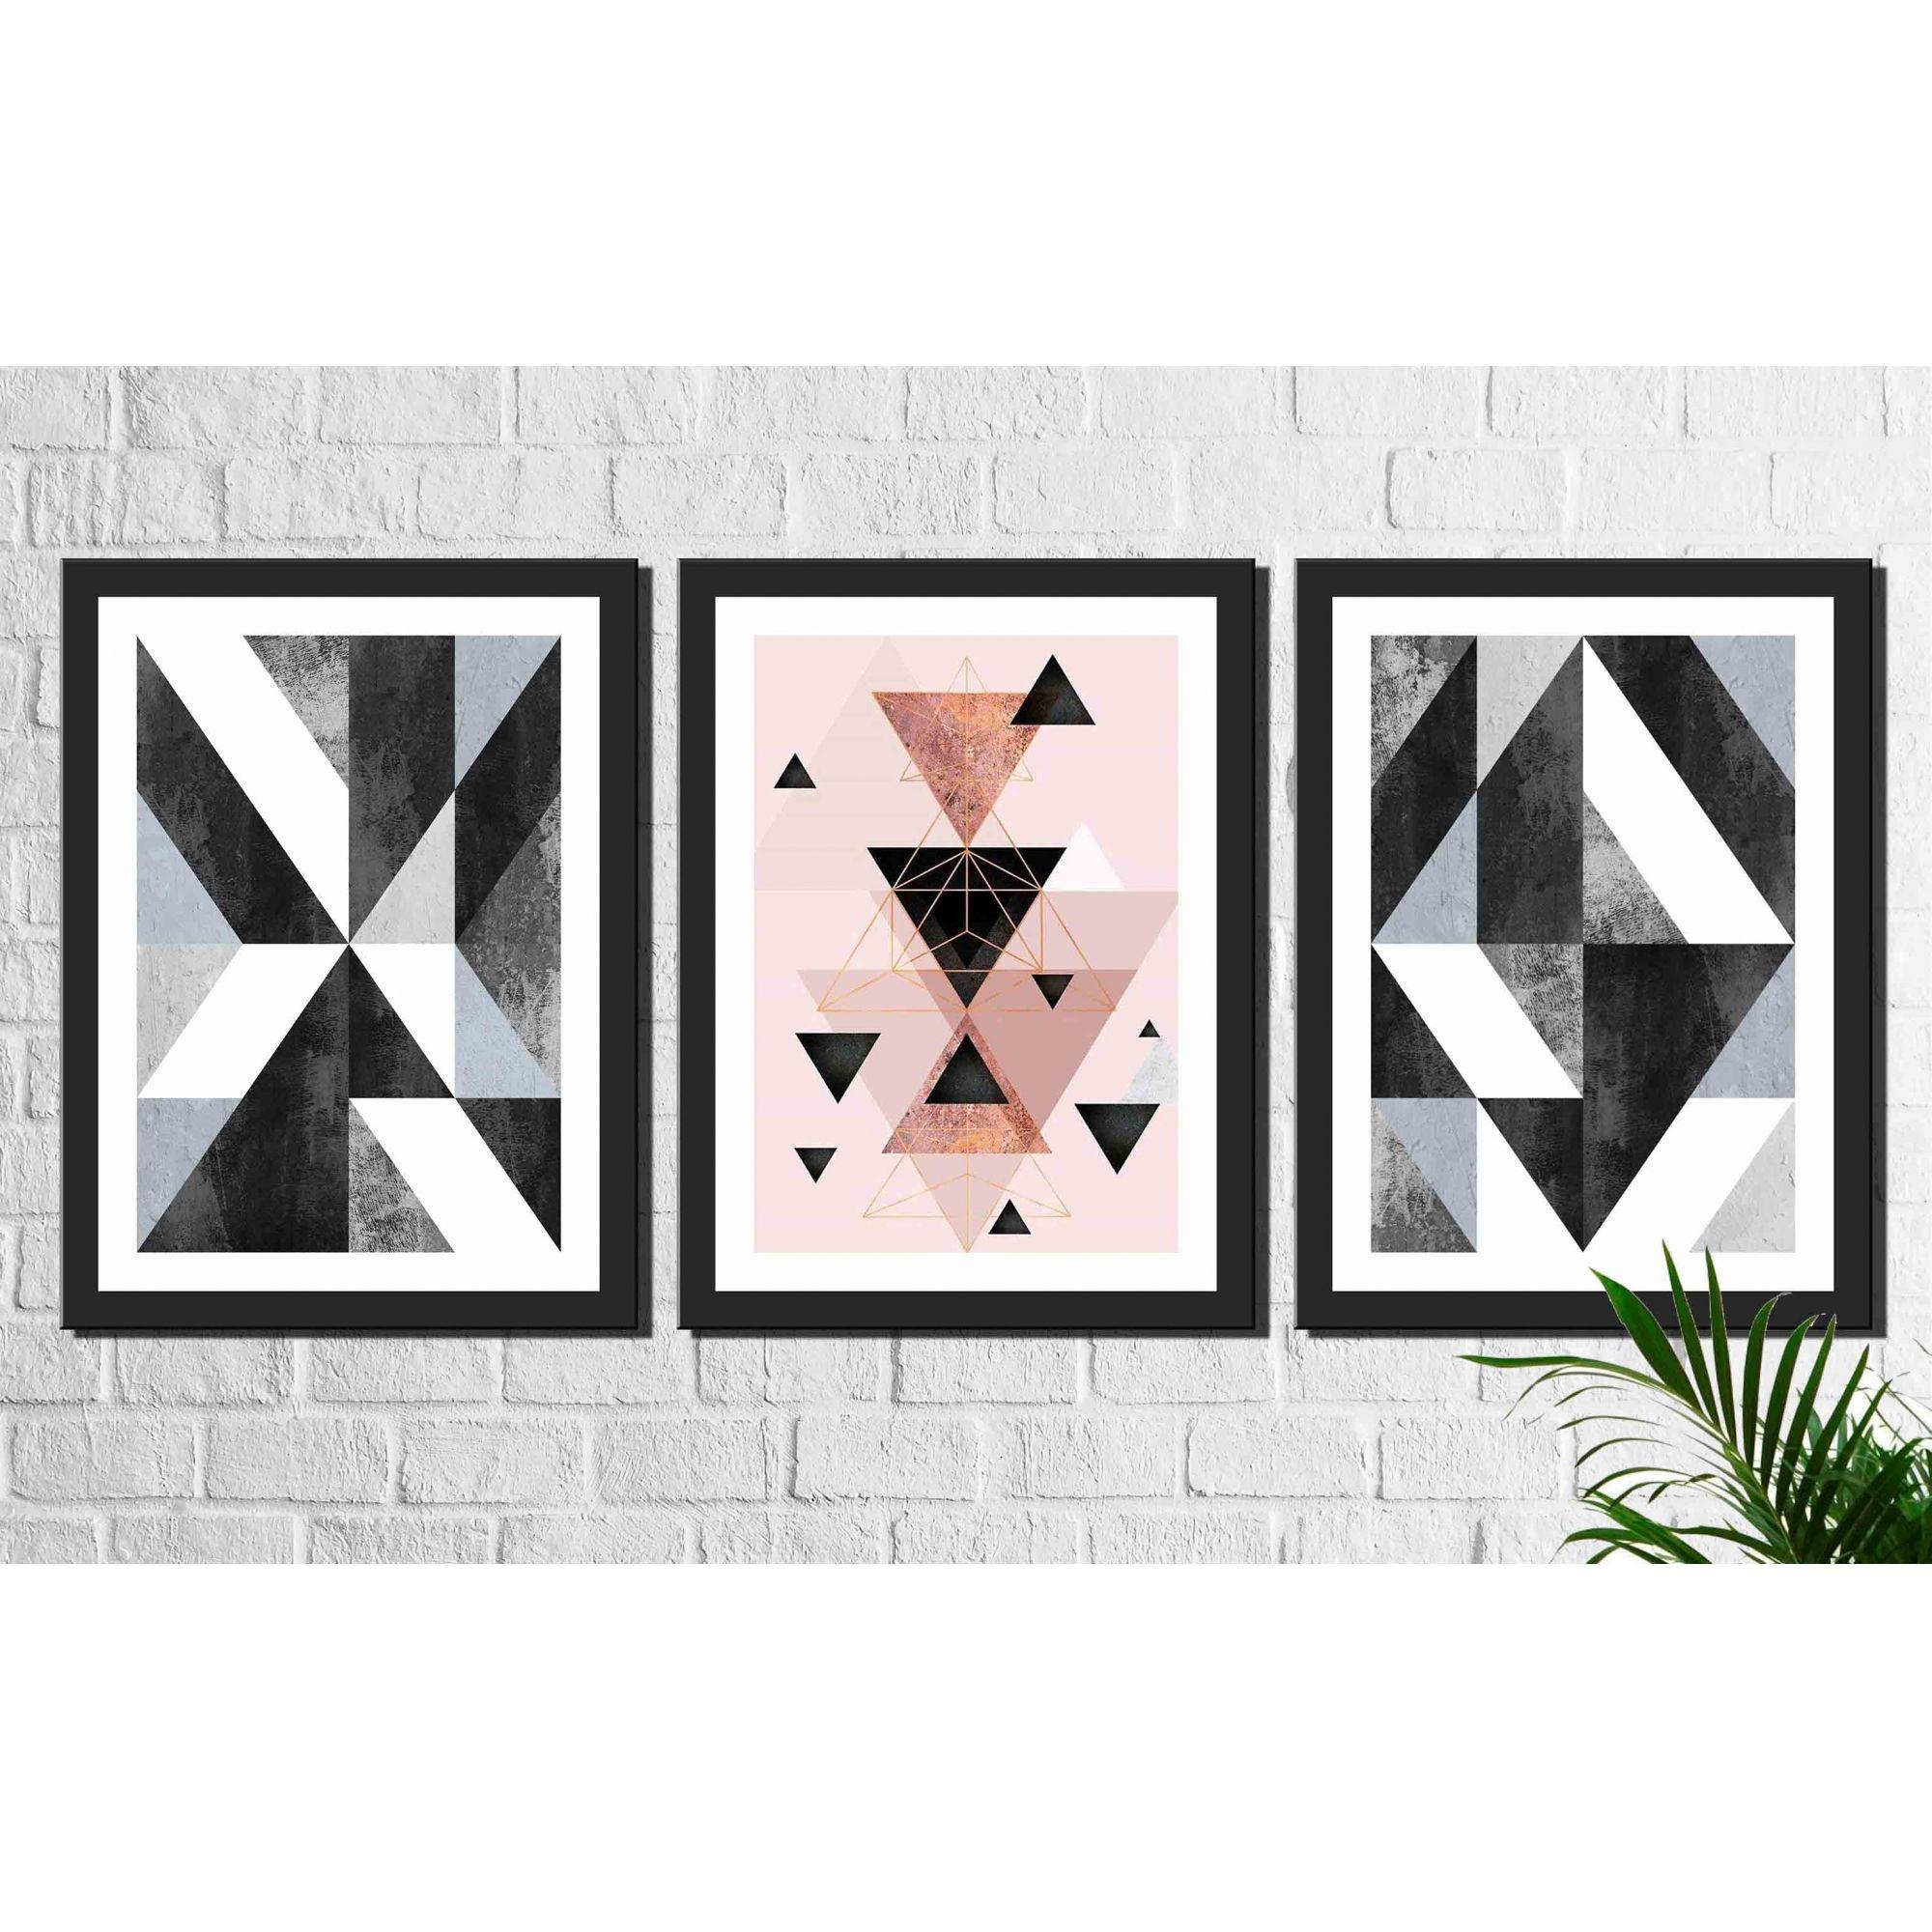 Kit 3 Quadros Decorativos Geométrico Rosa e Preto